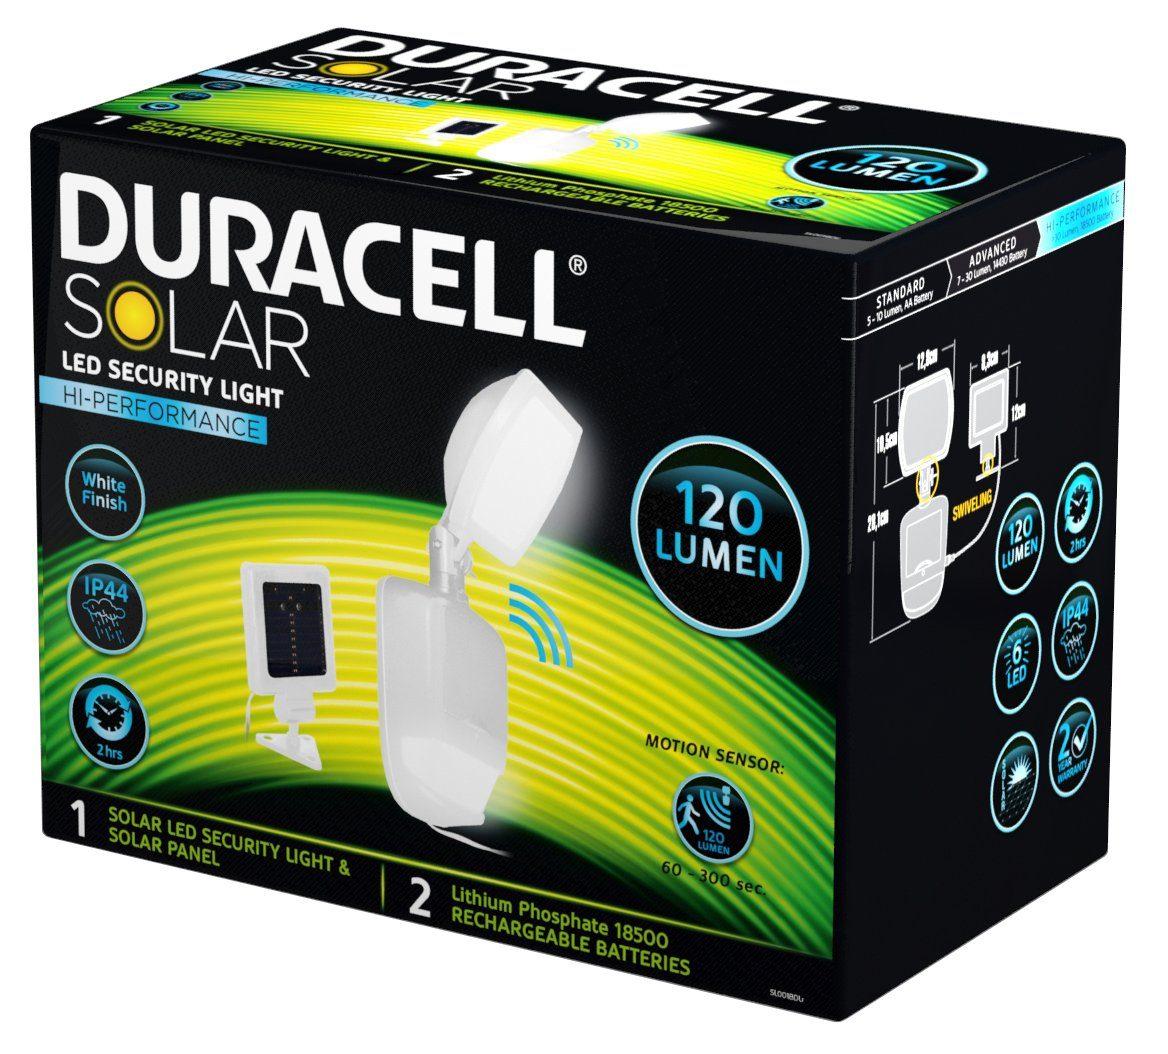 Duracell LED Solar Sicherheitslicht mit Bewegungsmelder 120 Lumen »SL001BDU 120 Lumen«